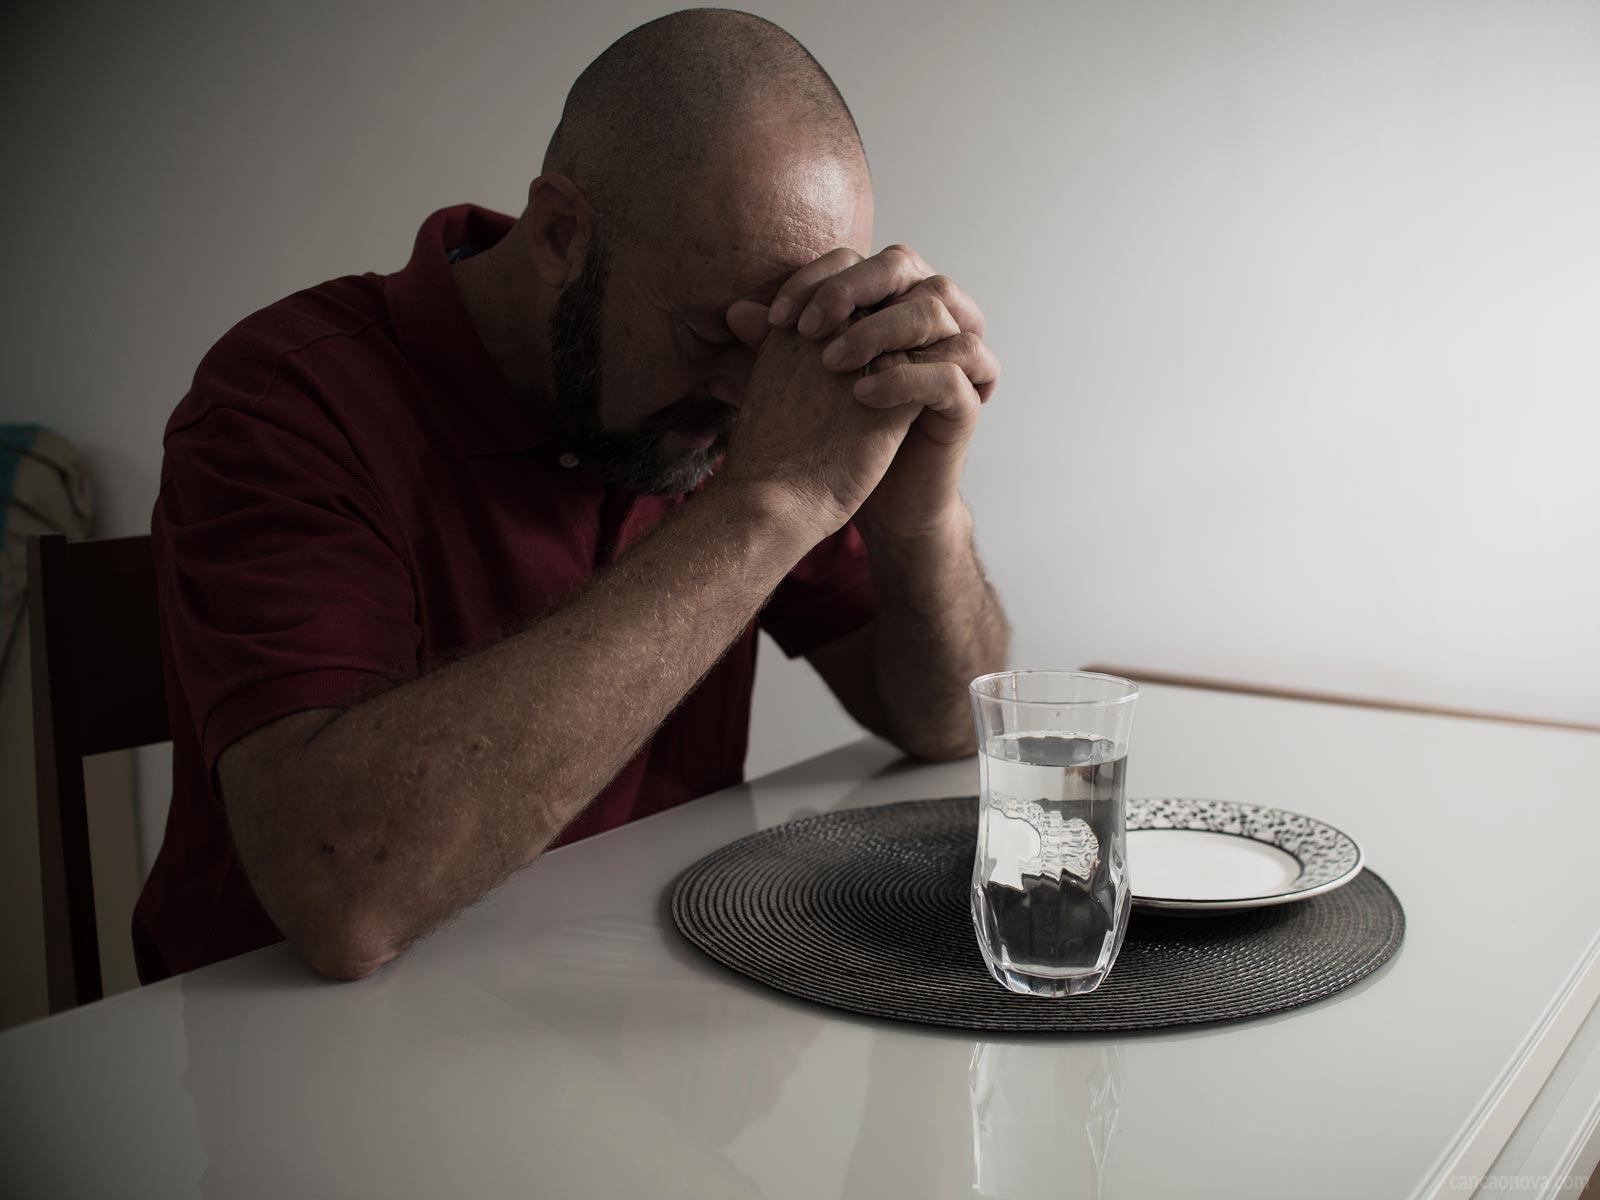 O jejum traz mais eficácia a nossa oração